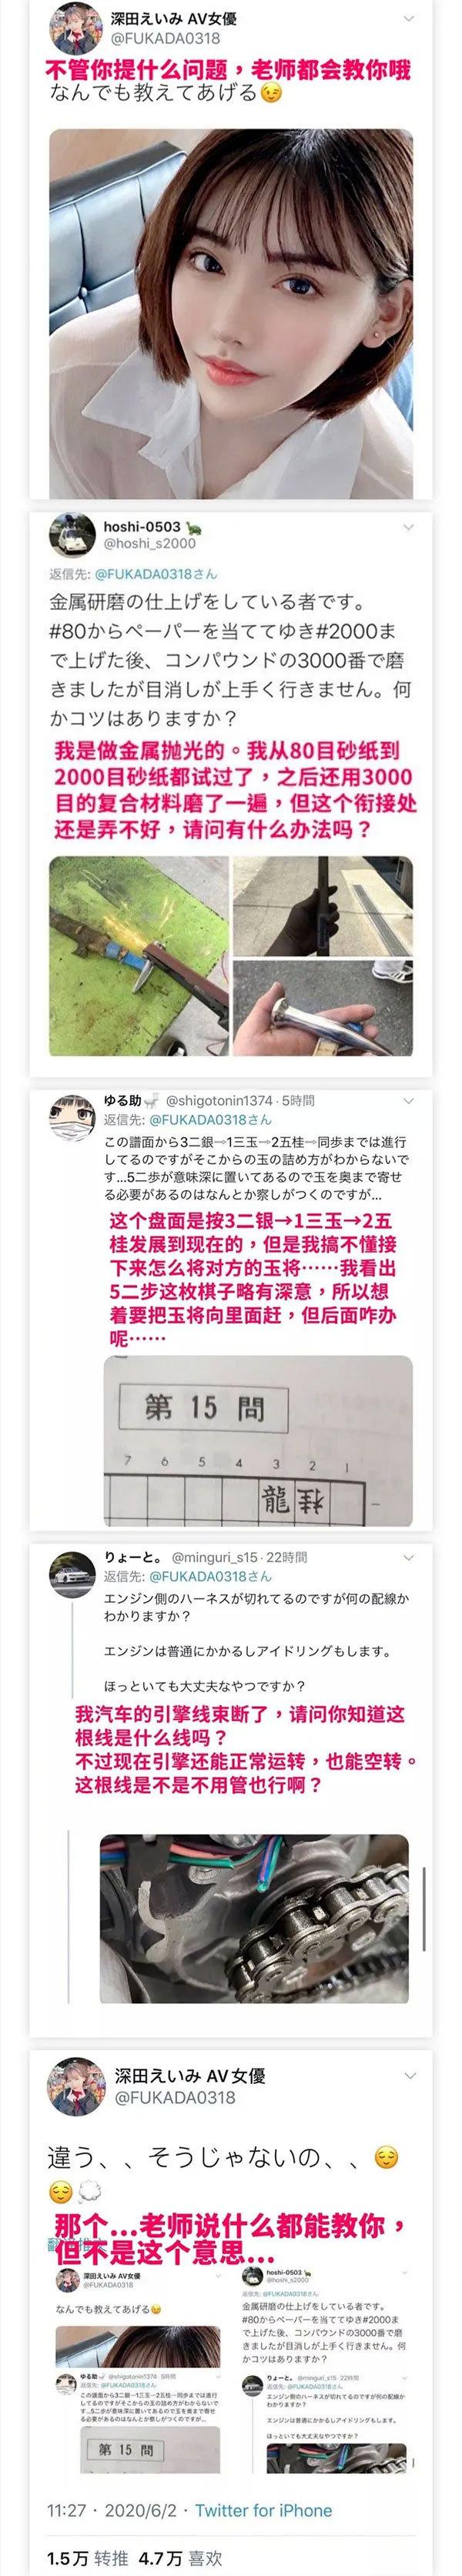 无聊图:深田咏美老师在线教学